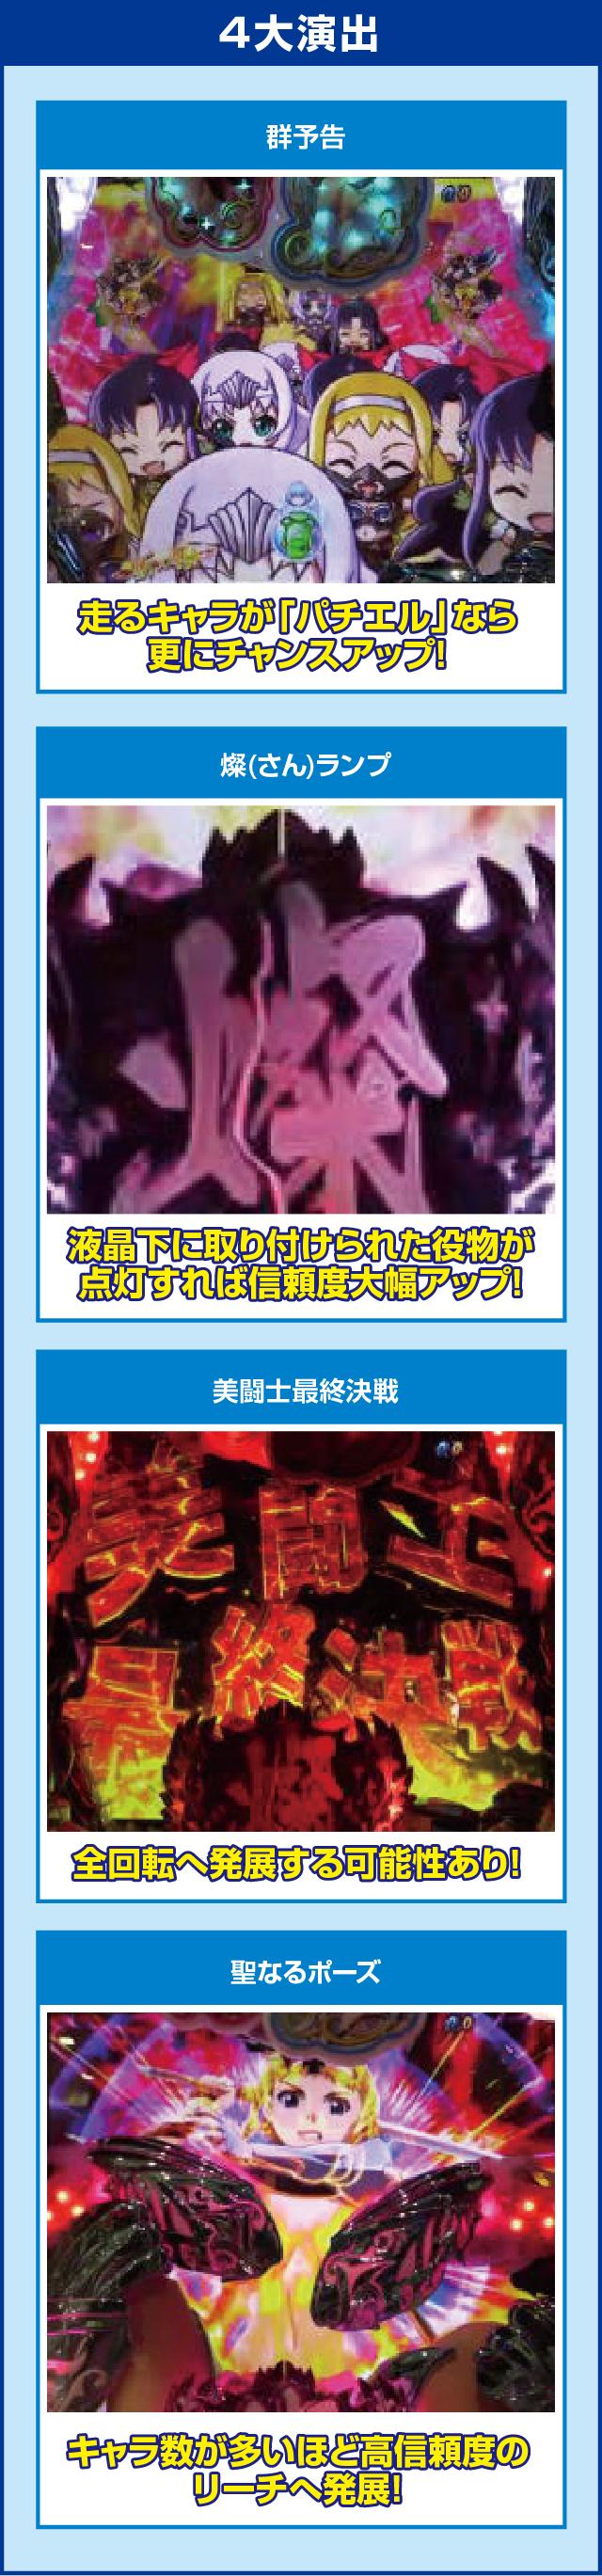 CRクイーンズブレイド美闘士カーニバルのピックアップポイント